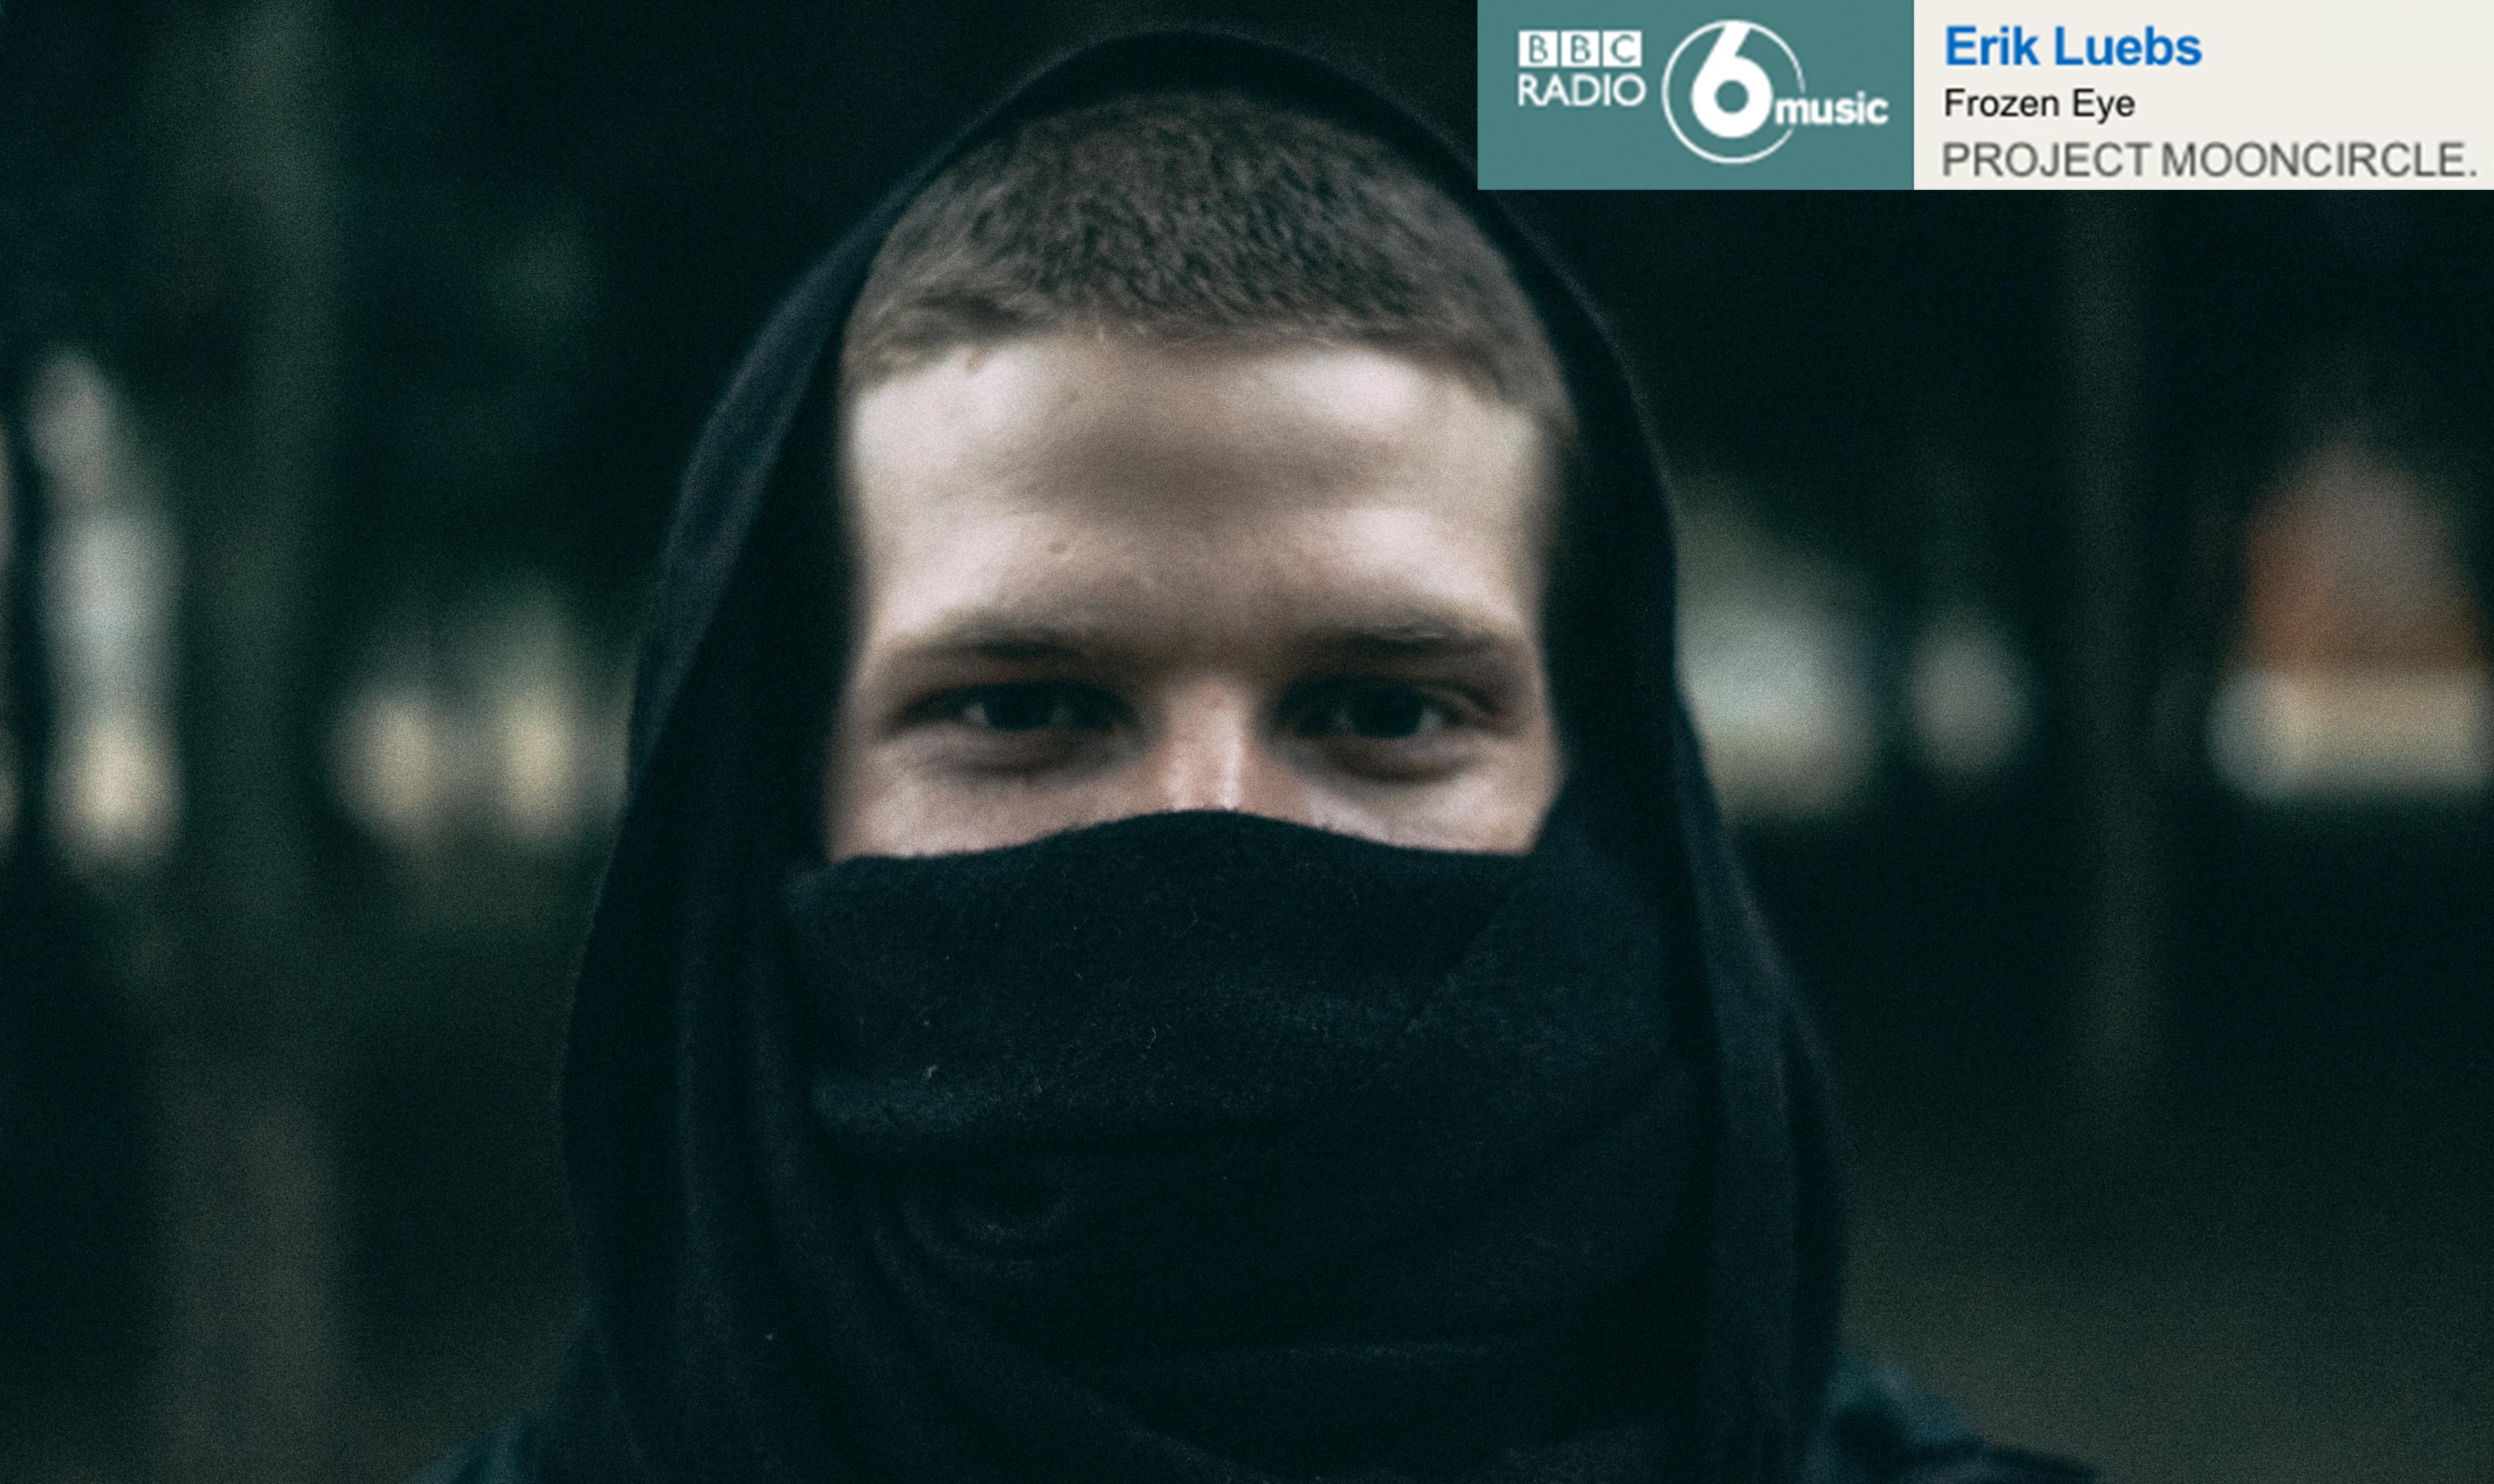 pmc200_bbc6music_erik-luebs